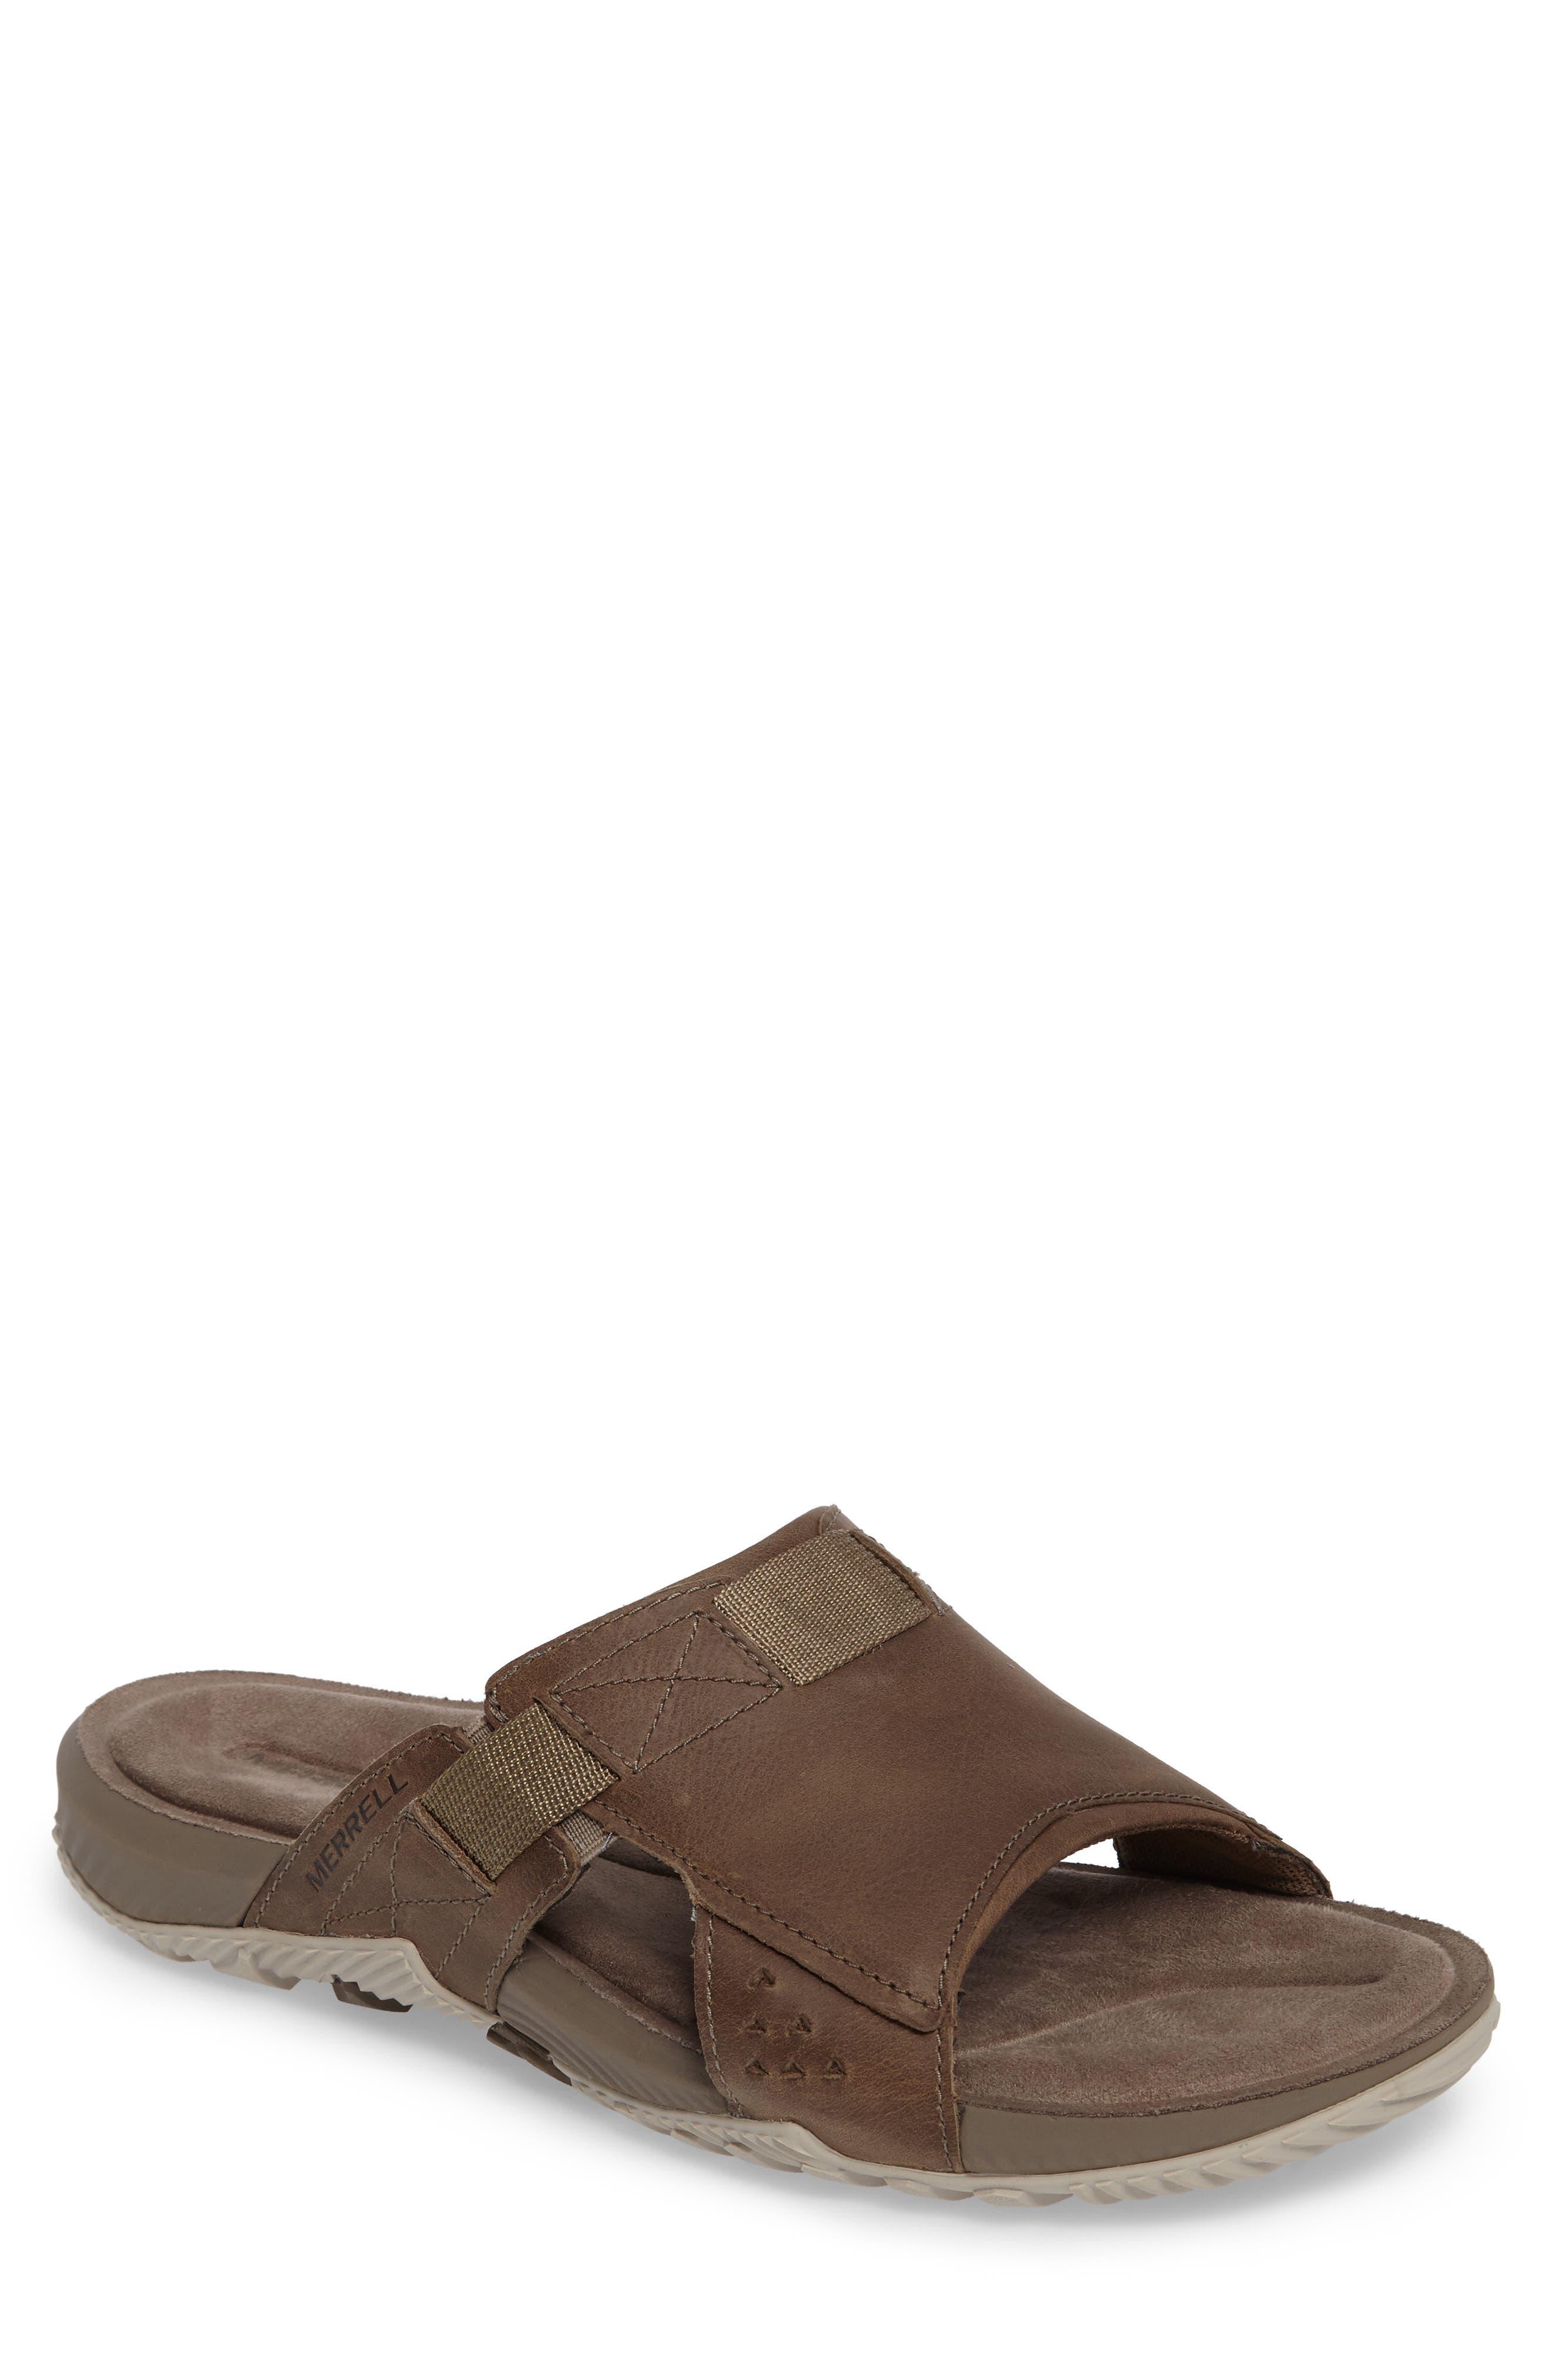 Terrant Slide Sandal,                         Main,                         color, 250